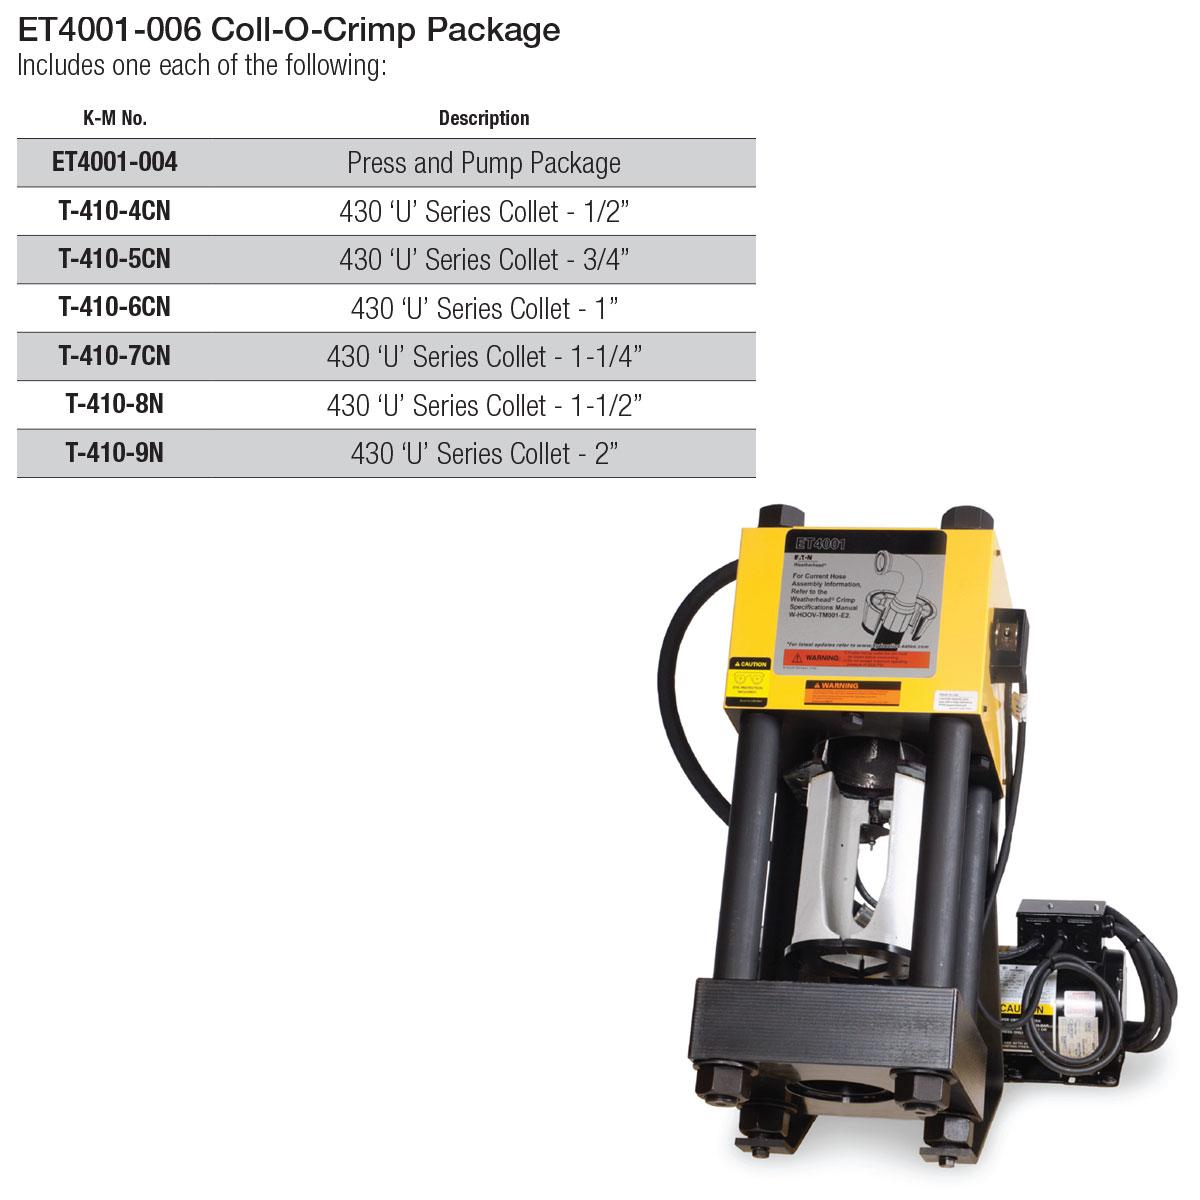 ET-4001 Coll-O-Crimp Stationary Crimper & Tooling Package